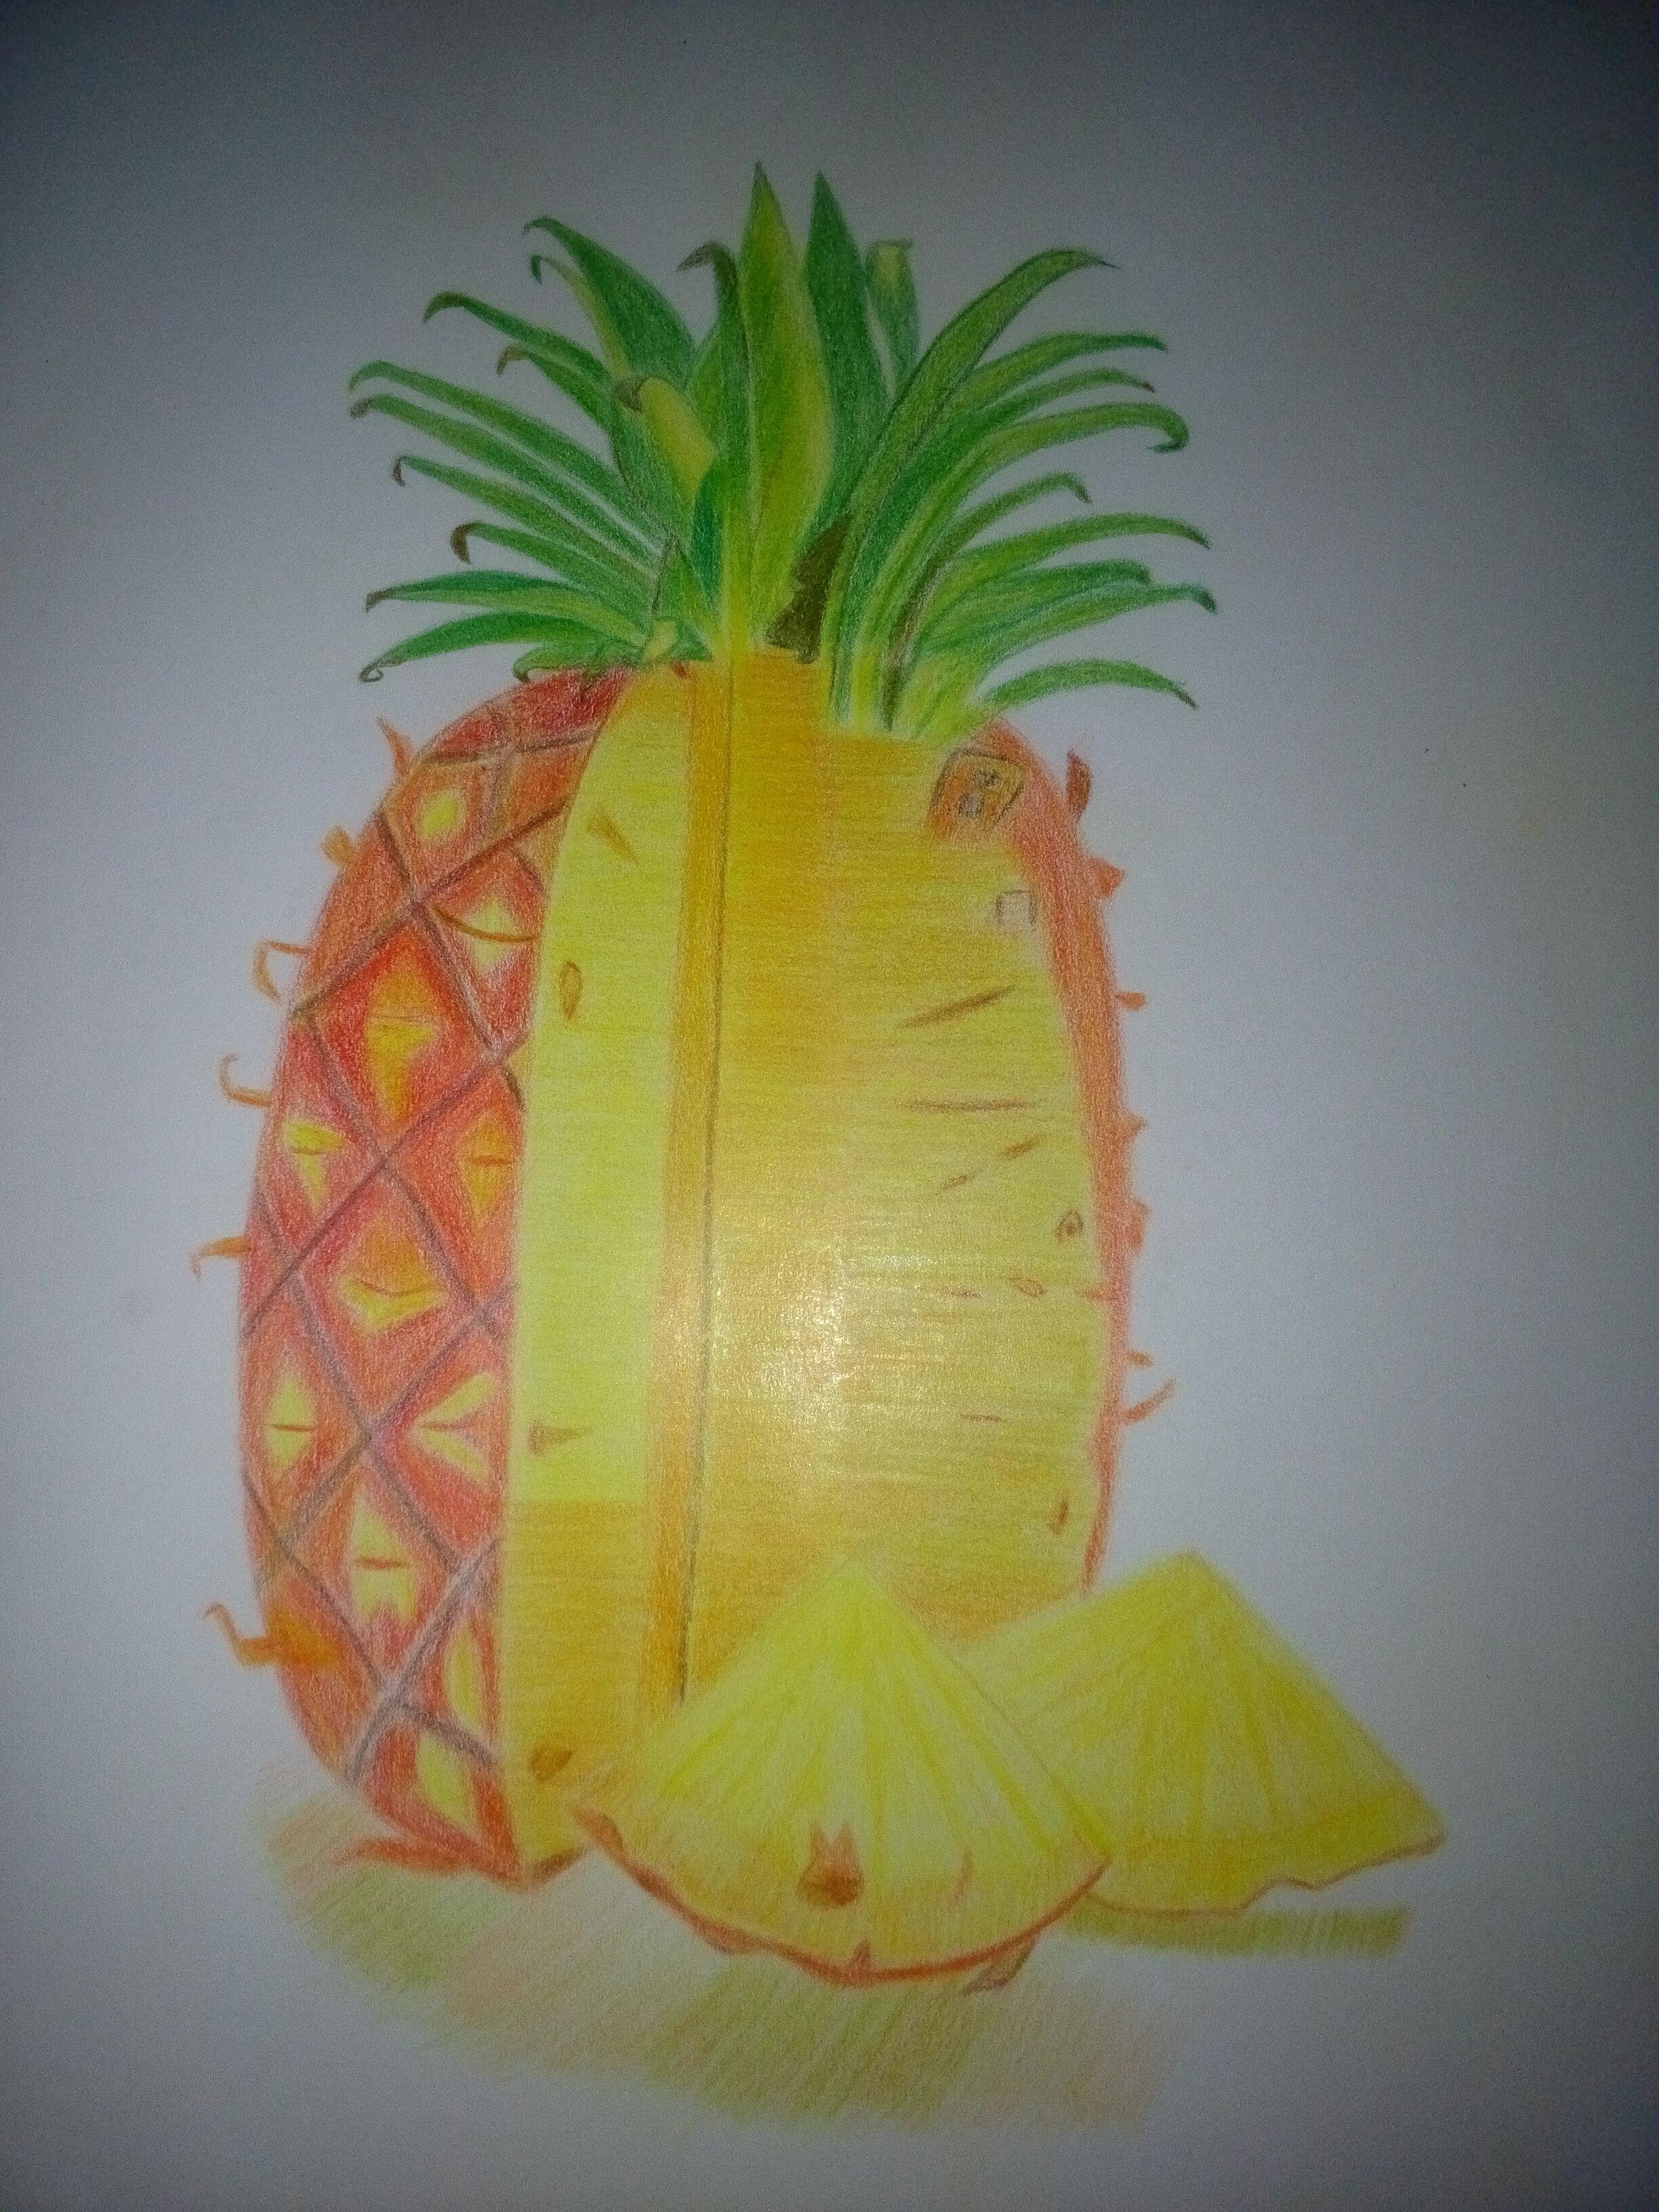 彩铅临摹 菠萝